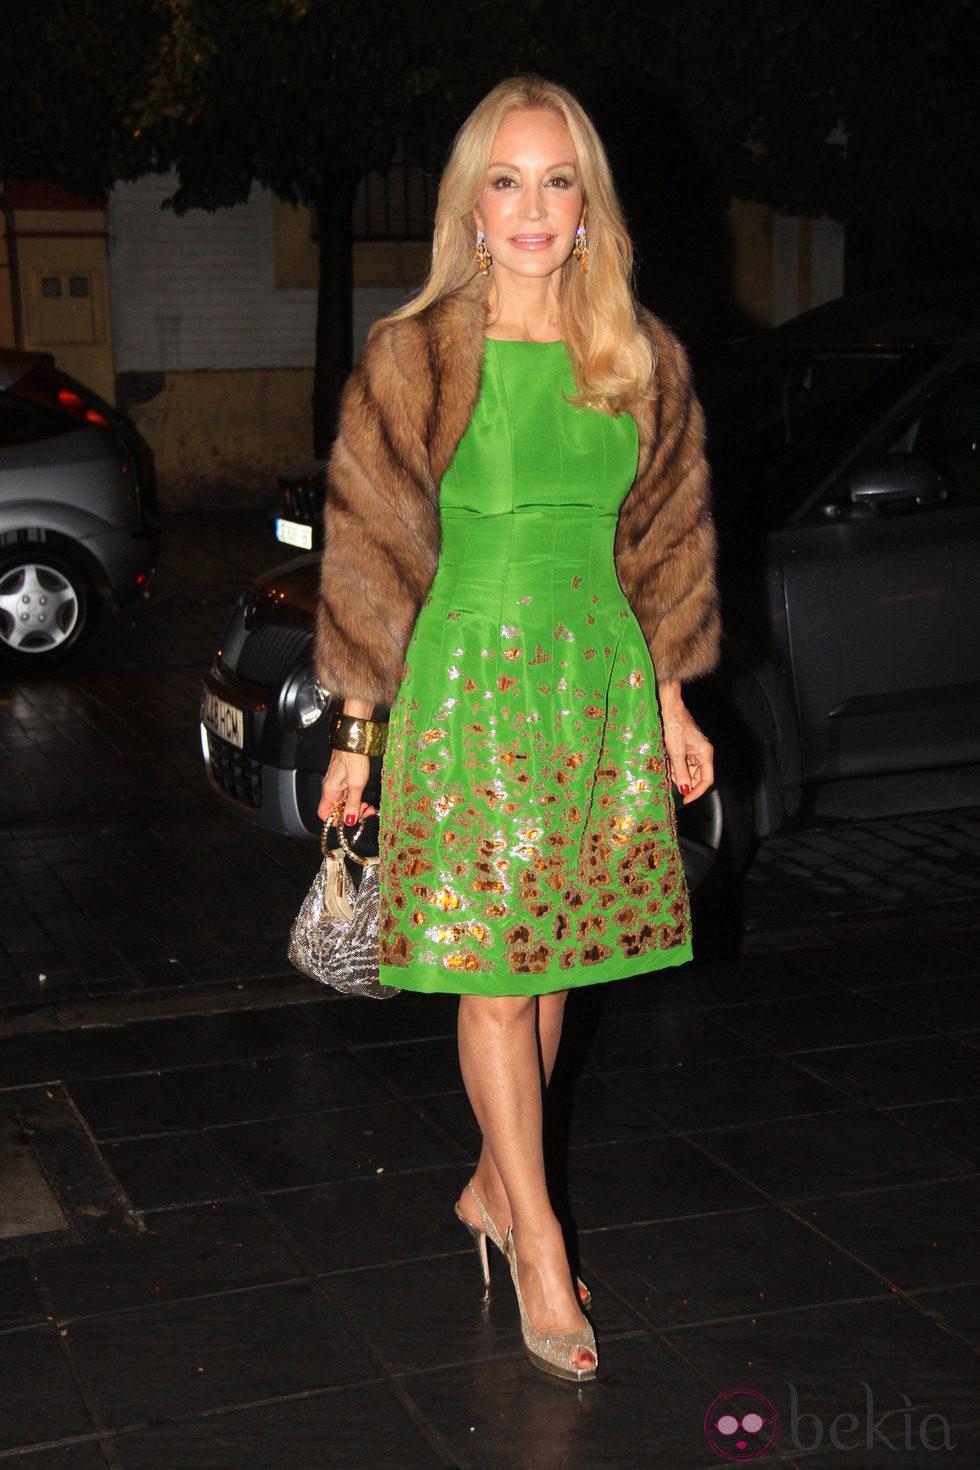 Carmen lomana con vestido verde estampado y estola las - Biografia de carmen lomana ...